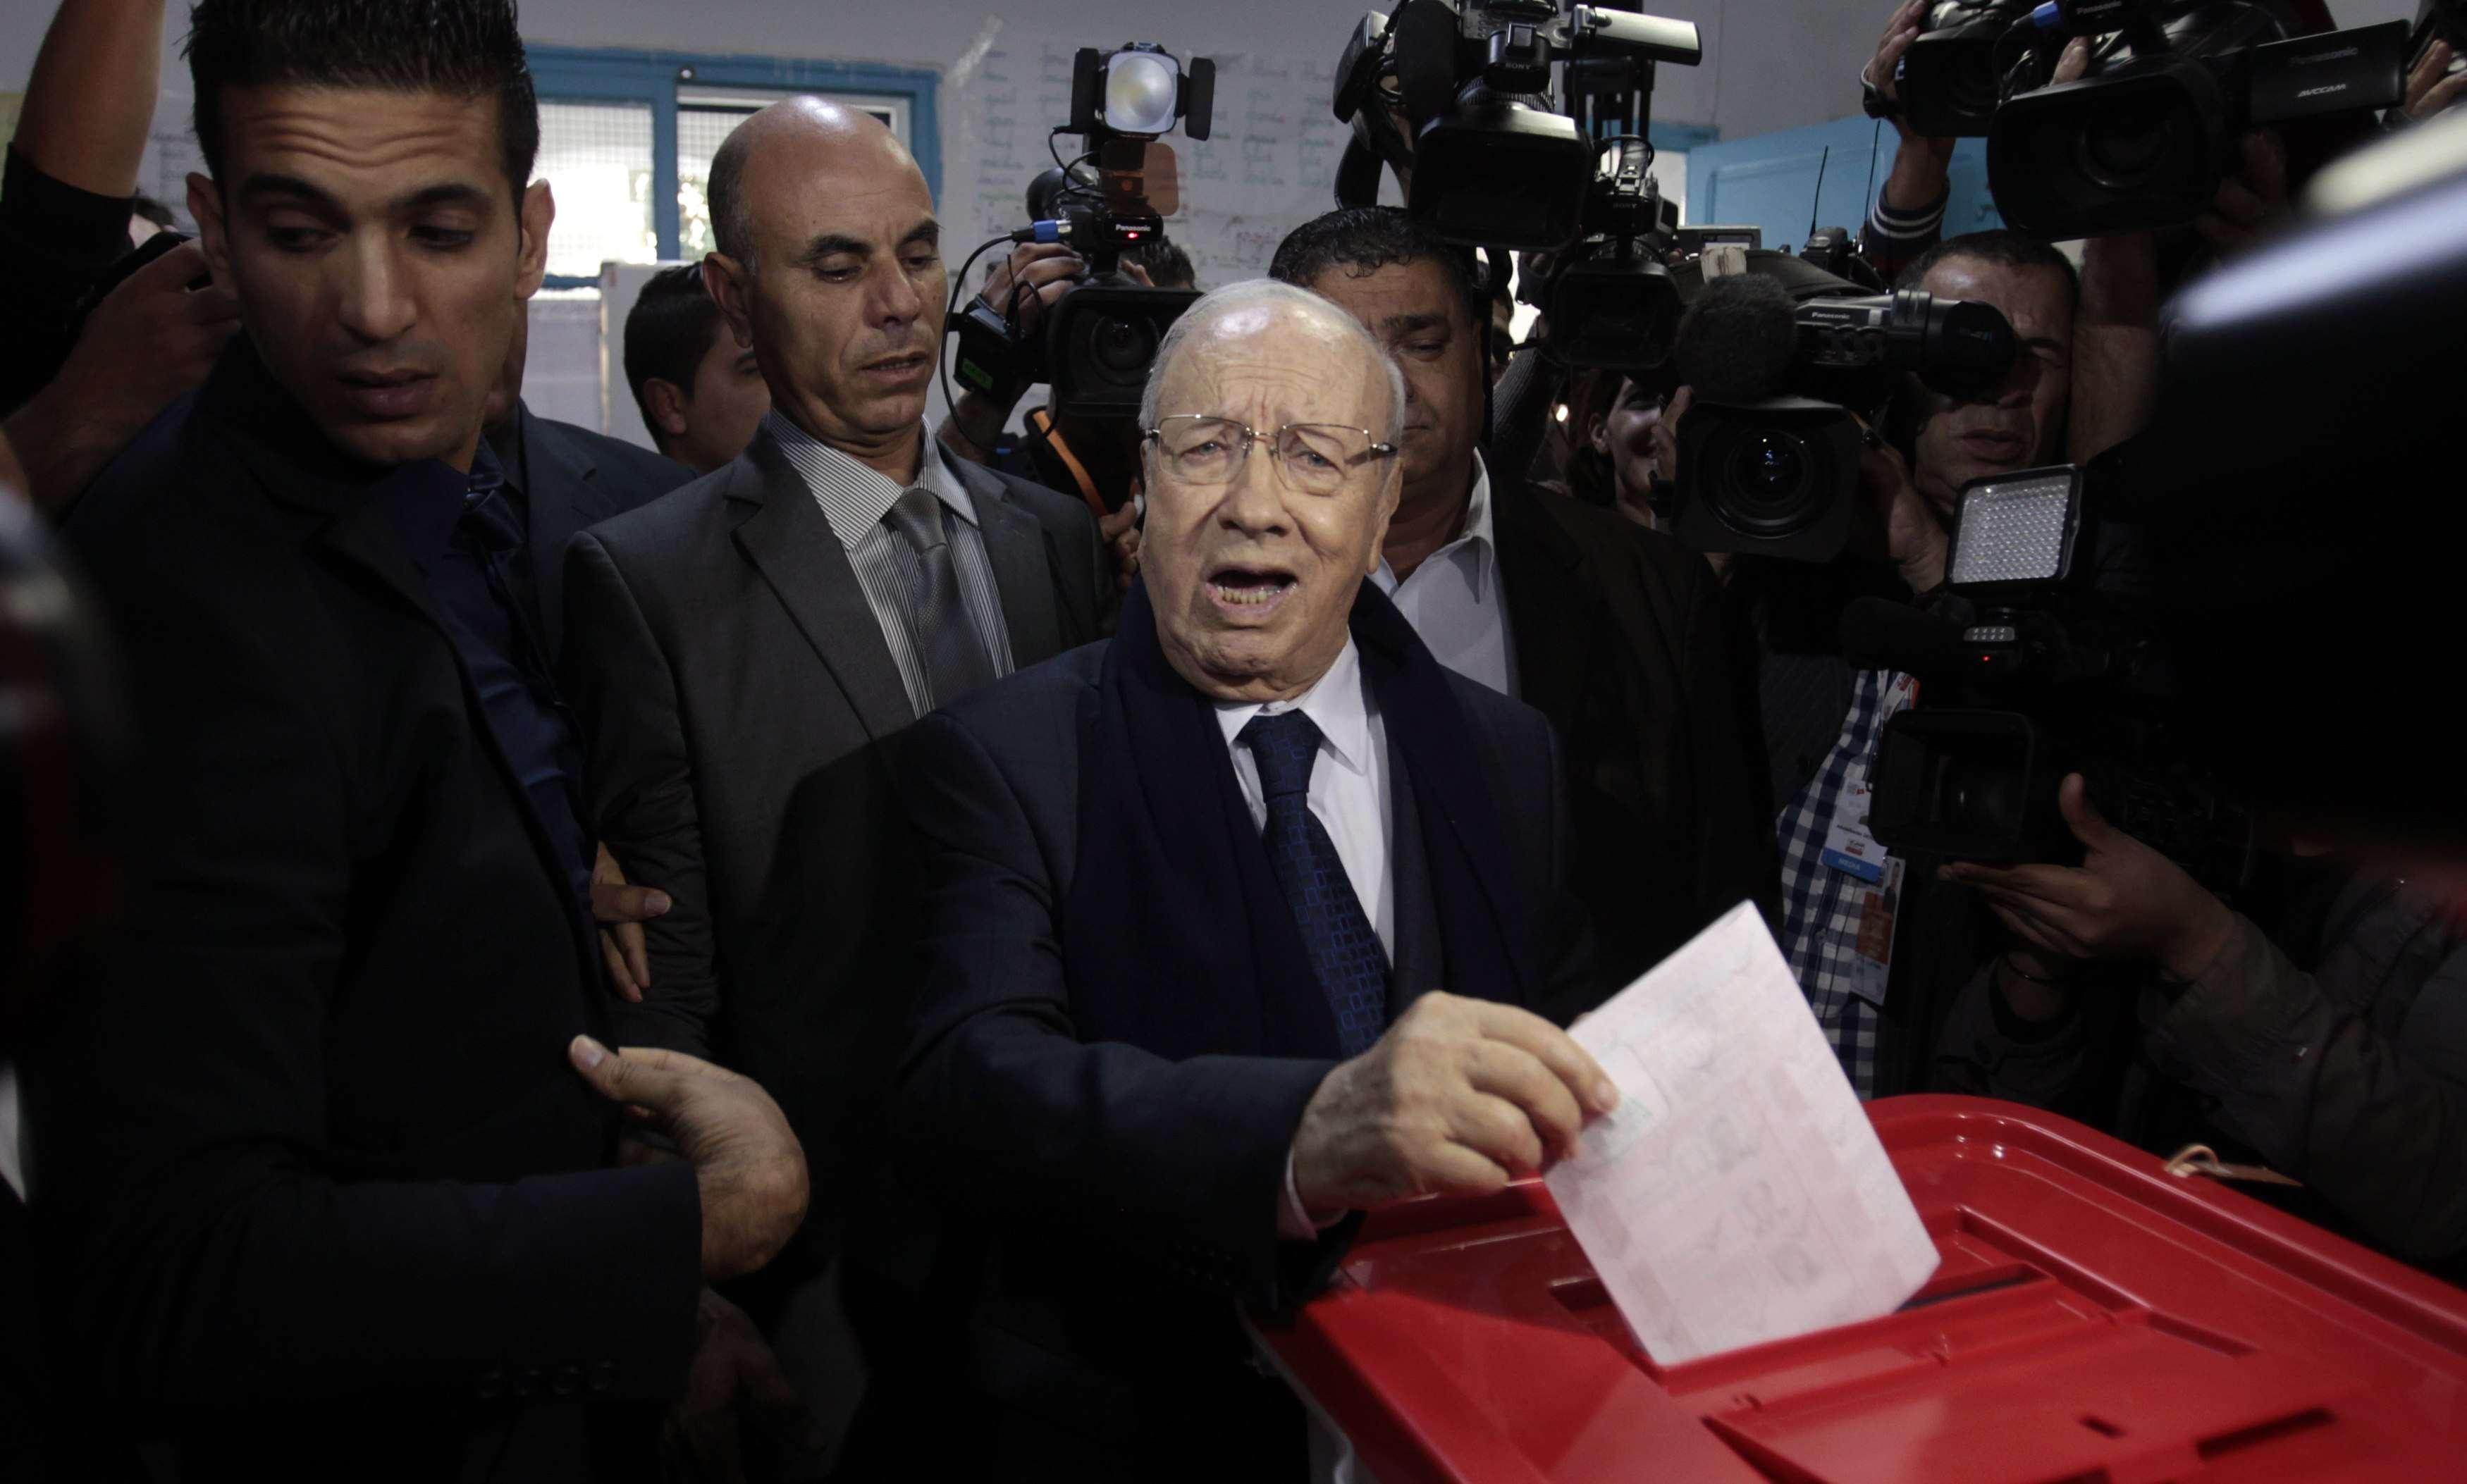 Beji Caid Essebsi, que é o favorito para vencer, vota para eleições presidenciais Foto: Zoubeir Souissi/Reuters